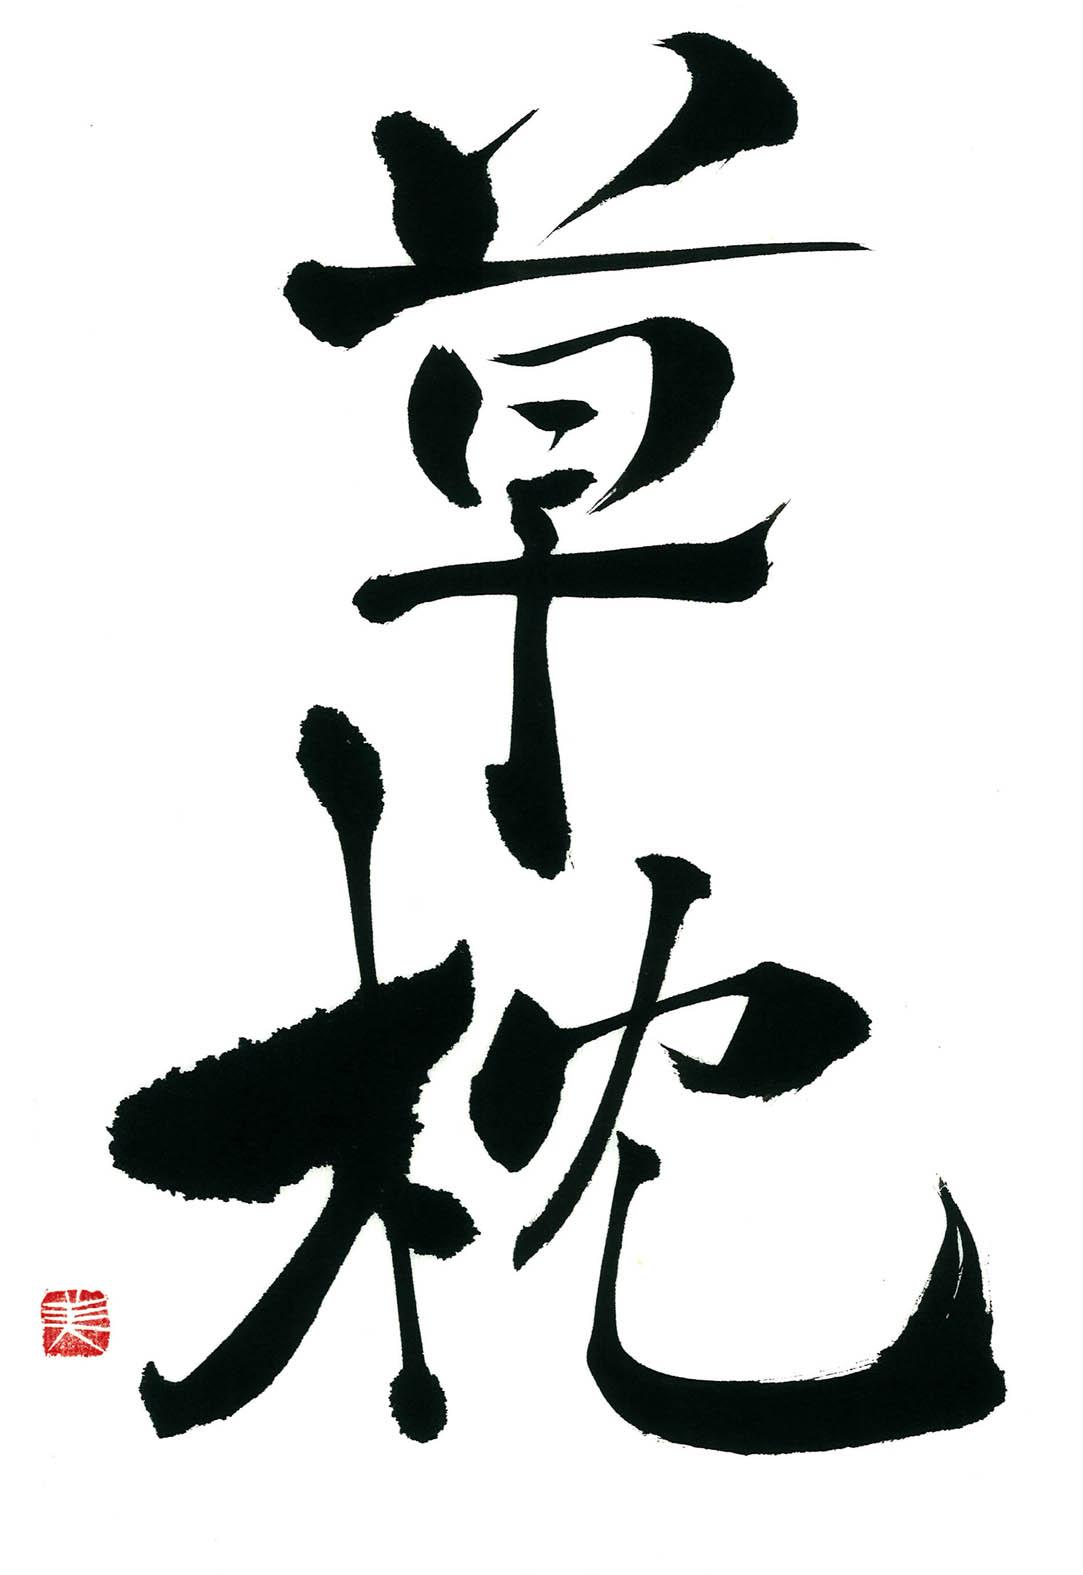 漱石「草枕」書の評論 ロンドンから_a0098174_23511623.jpg